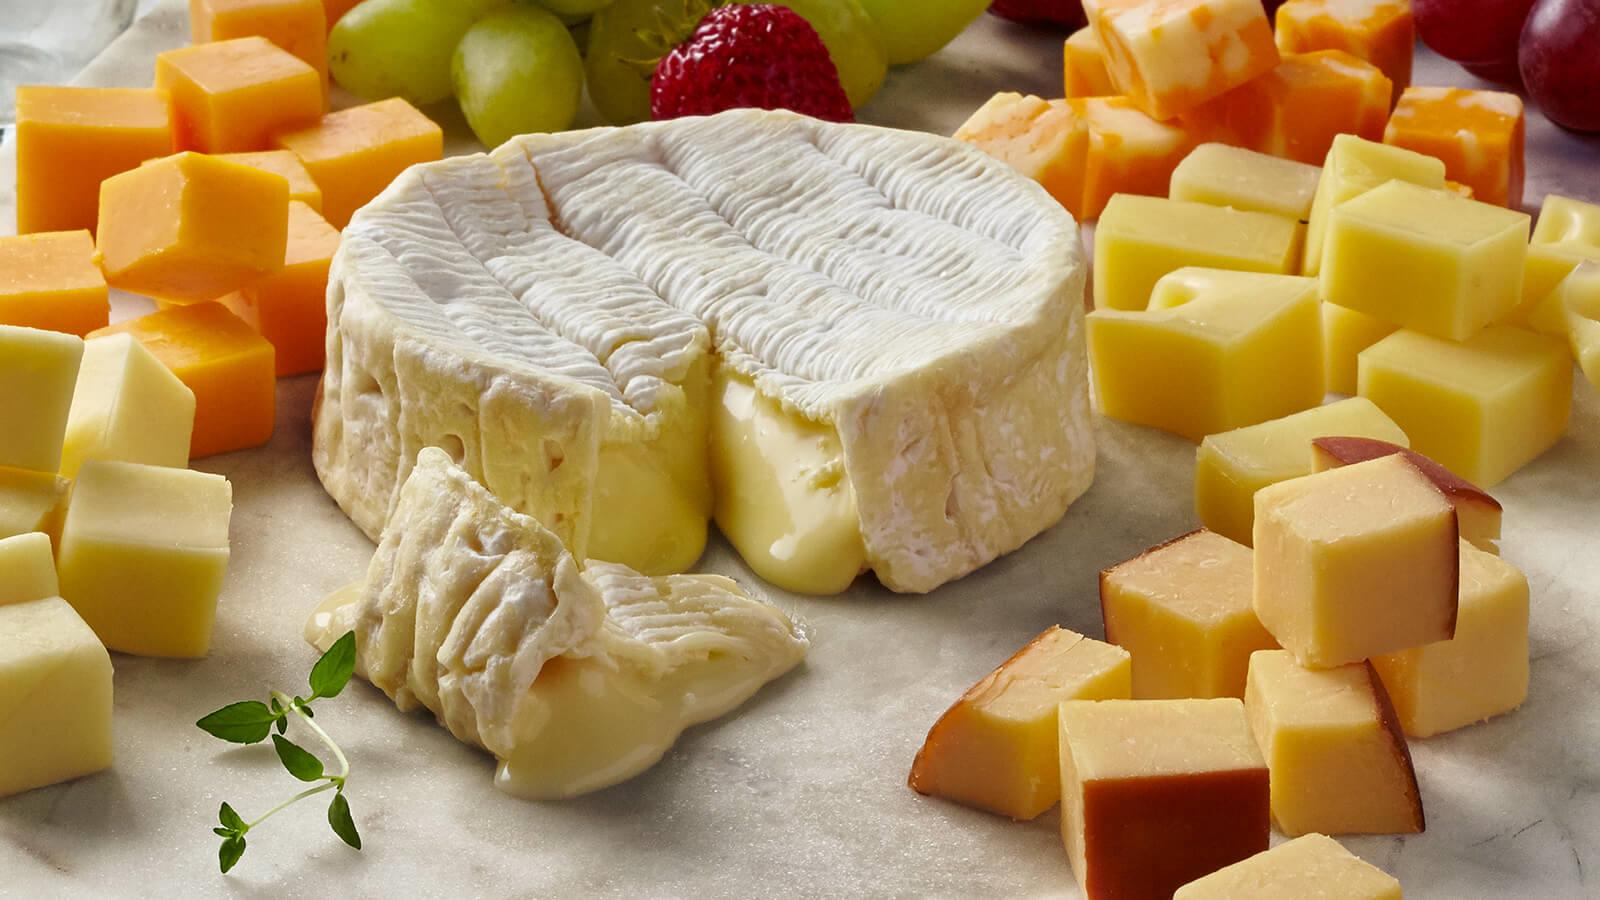 Le fromage est également bon pour la santé - mais faites attention à la quantité que vous consommez.